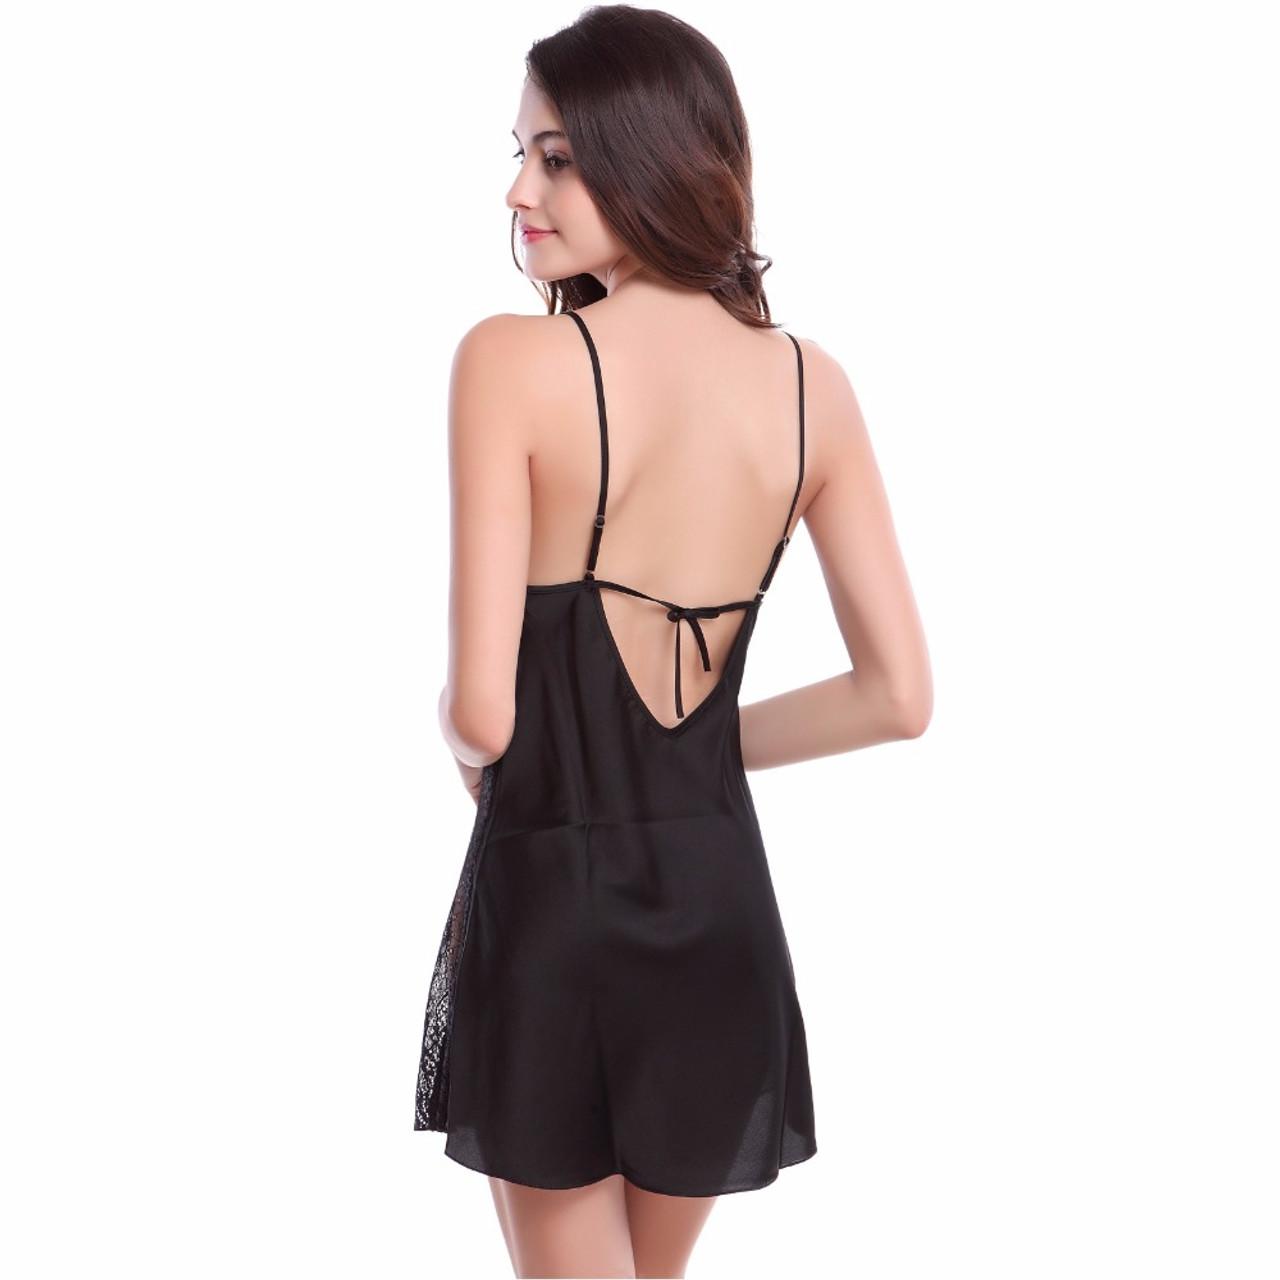 76ef437ef7 ... Solid Satin Chiffon Women Nightgowns Summer Nightdress Sheer Chemises  Nightshirt Lace Sleepwear Sexy Nightwear Trim Nightie ...